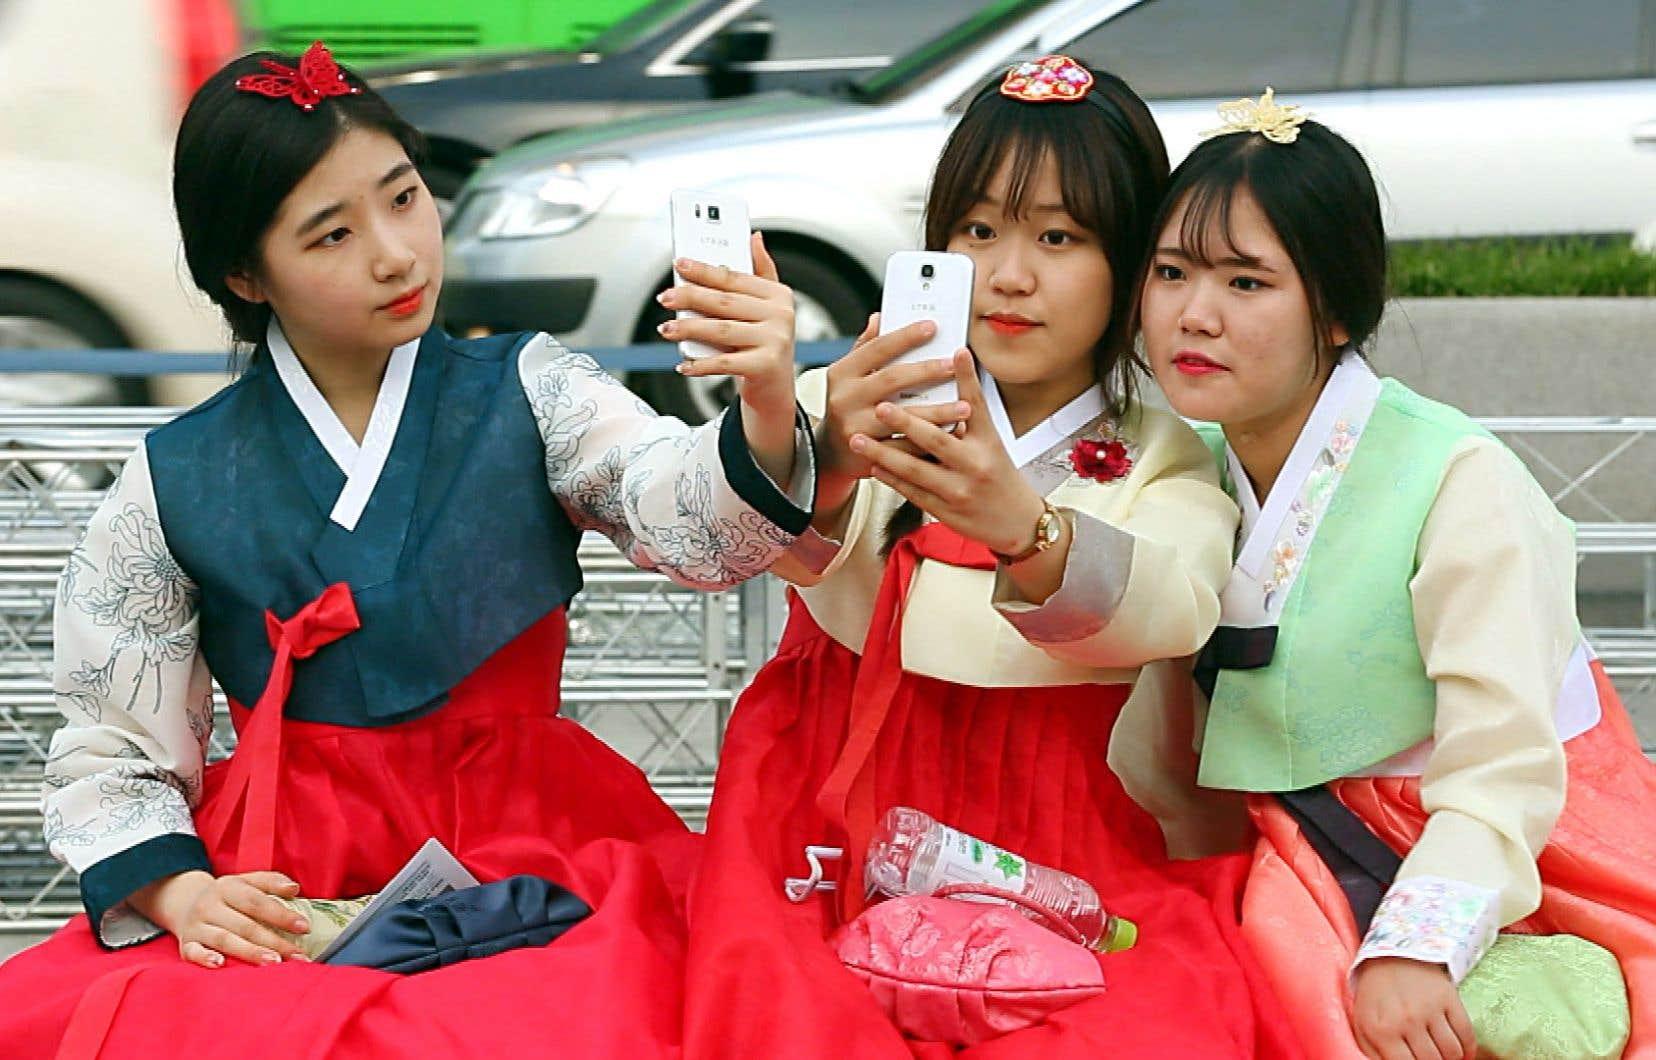 Ce documentaire produit pour la chaîne française M6 explore quelques-unes de ces particularités sociales de la Corée du Sud contemporaine.